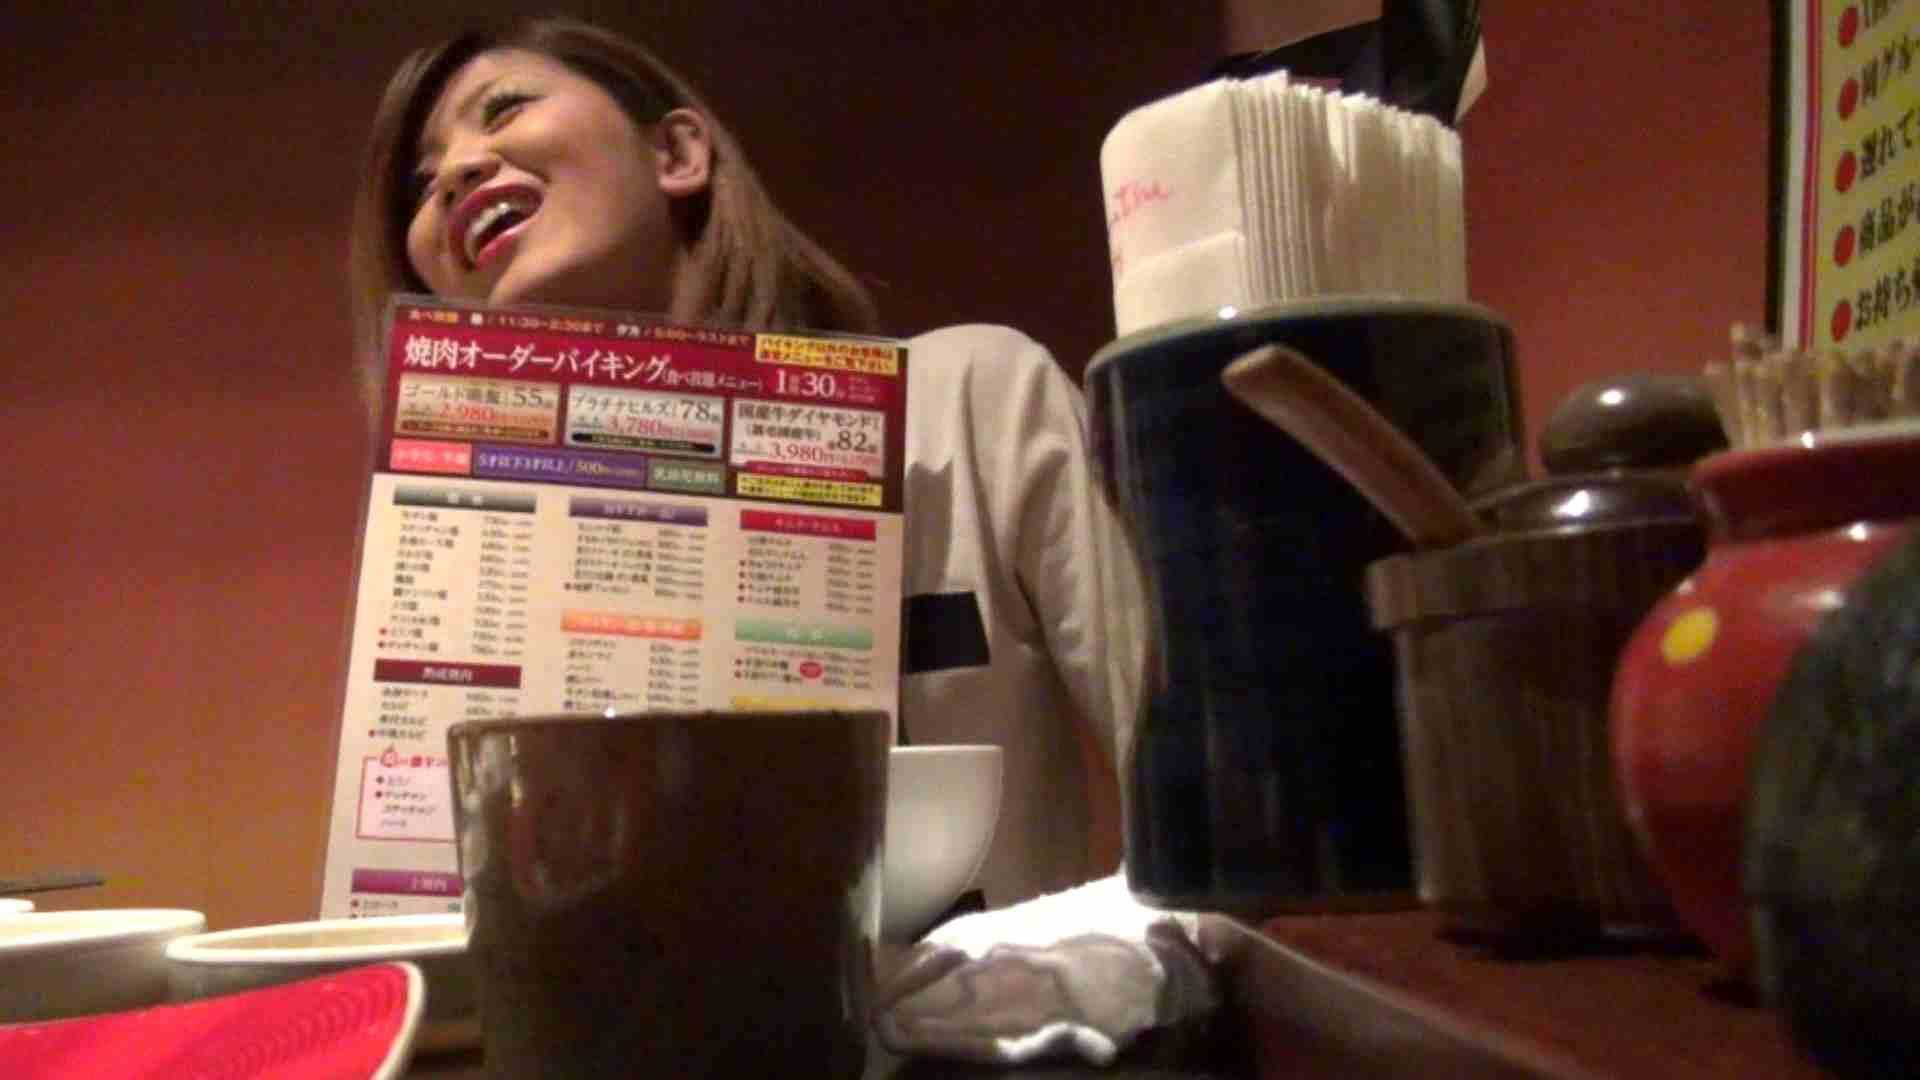 【出会い01】大助さんMちゃんと食事会 悪戯 | 友人  56pic 7